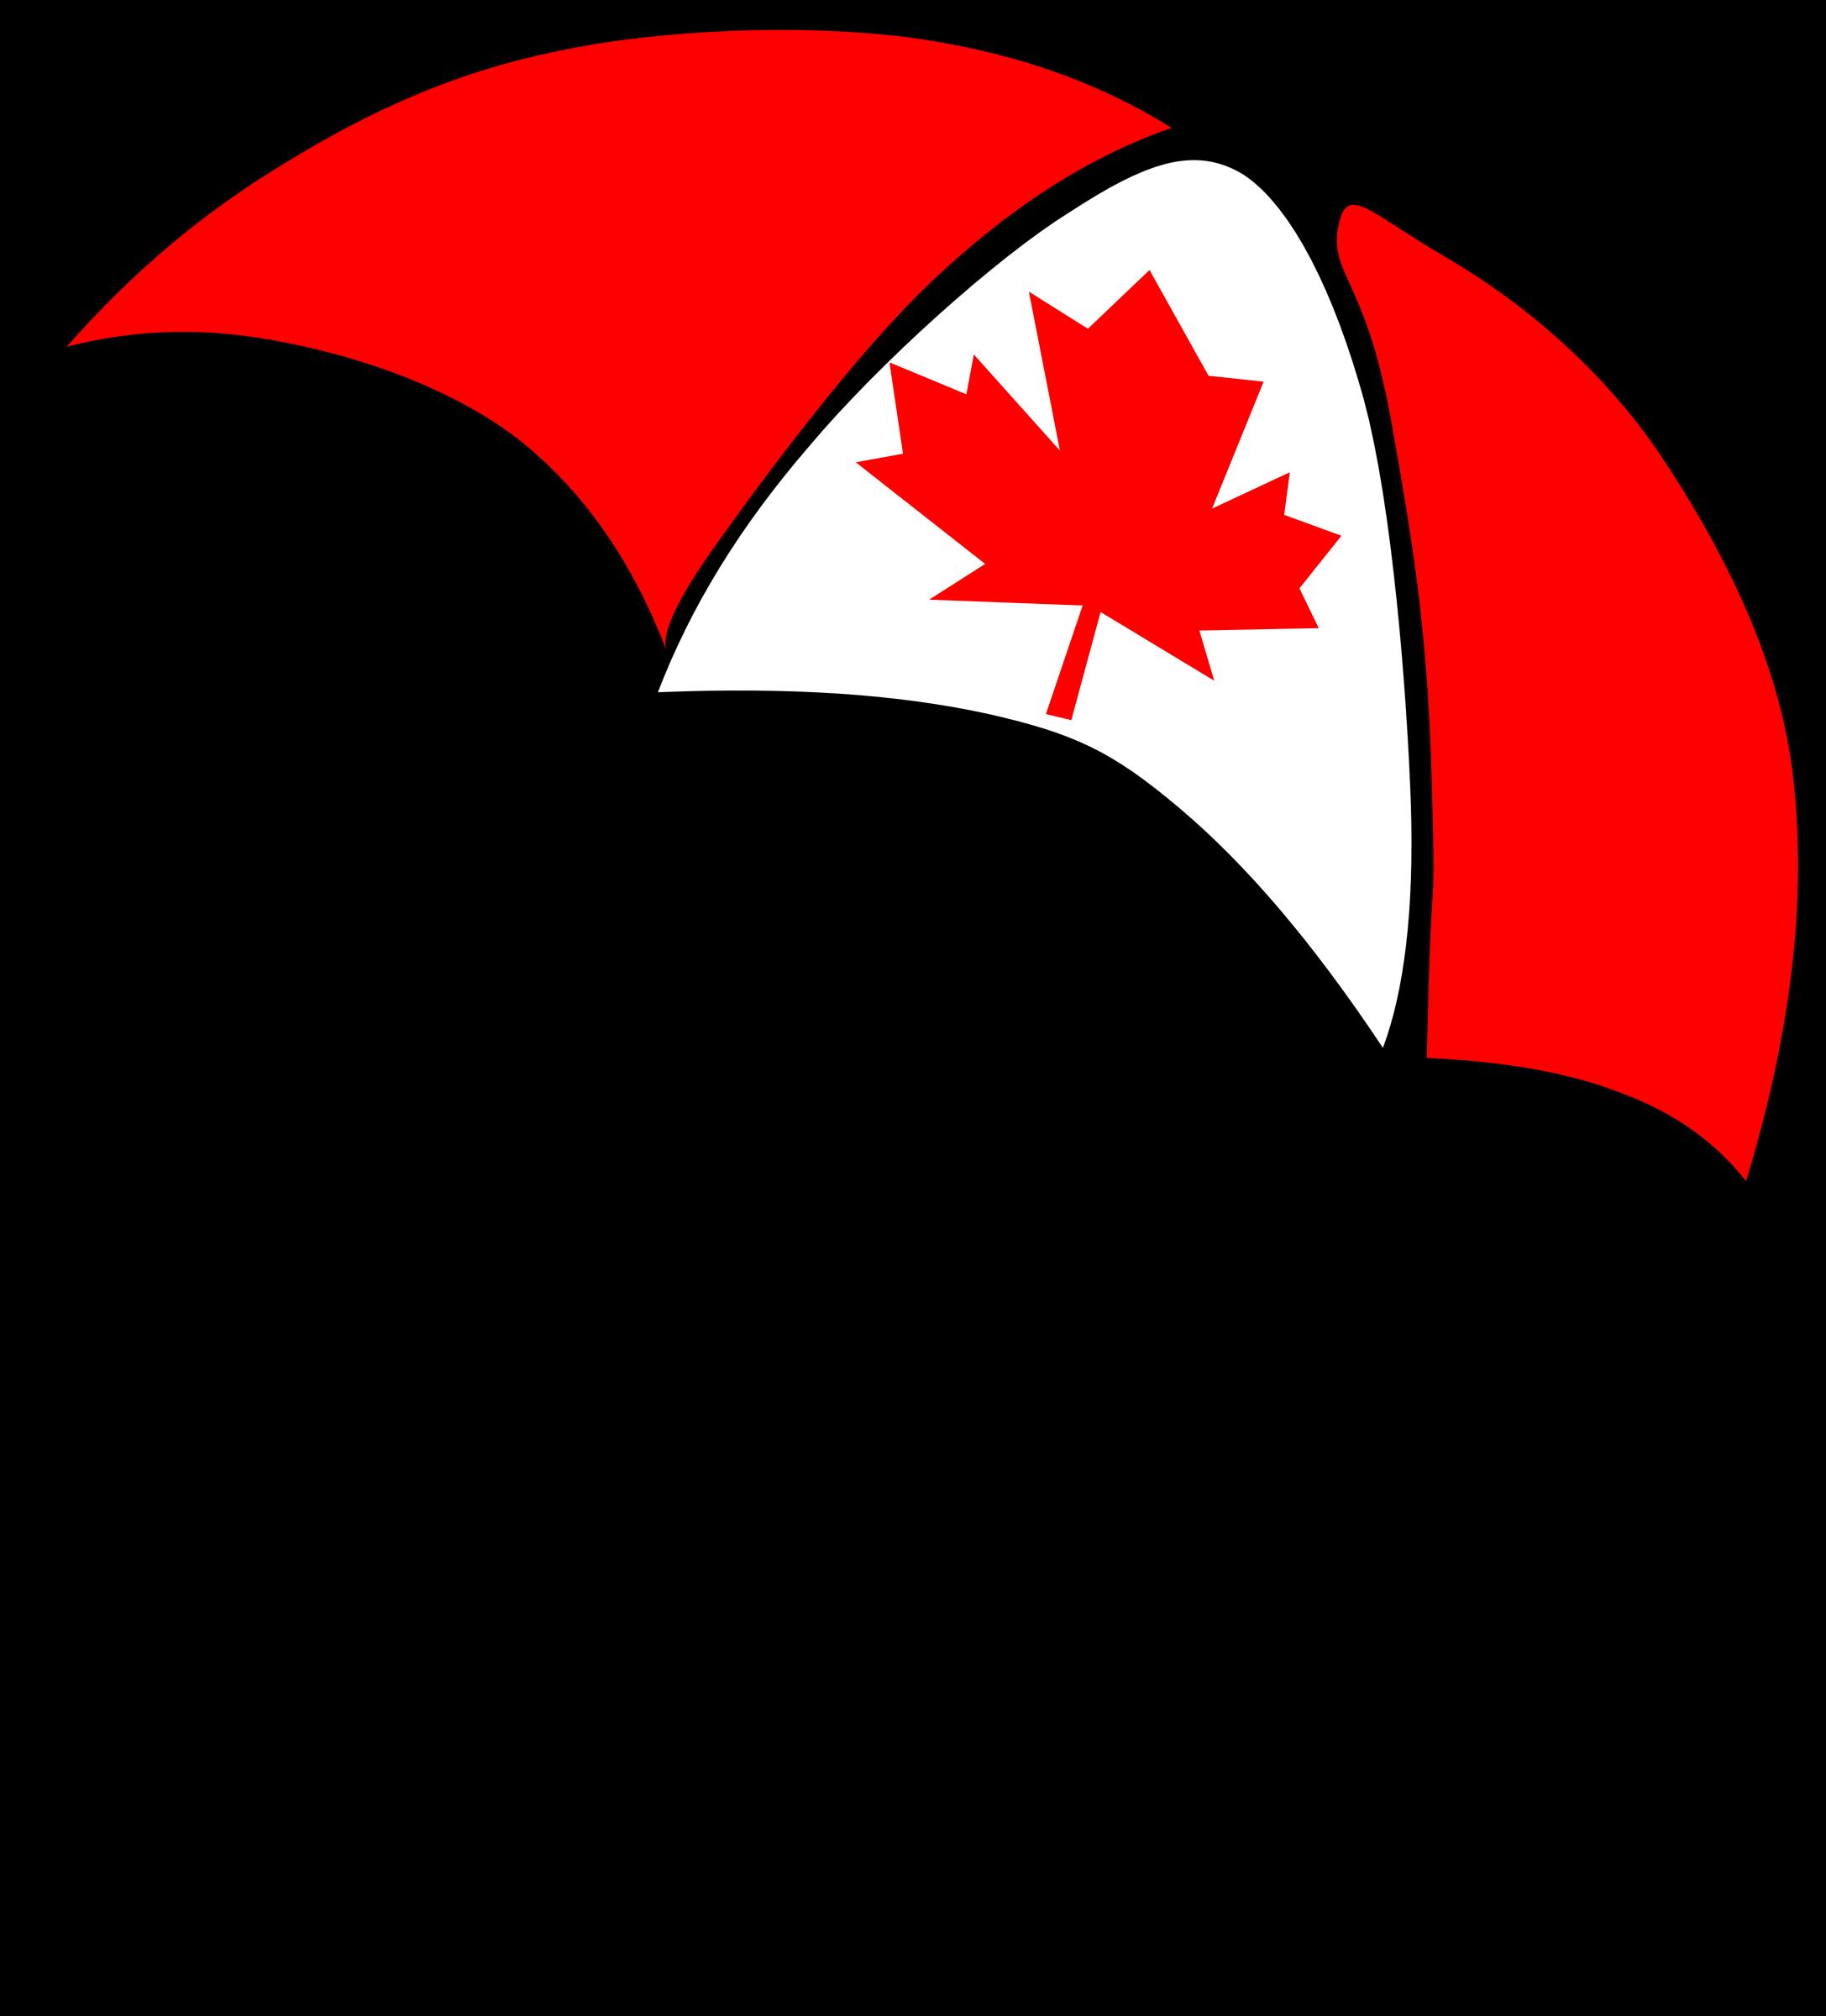 Clipart umbrella canada